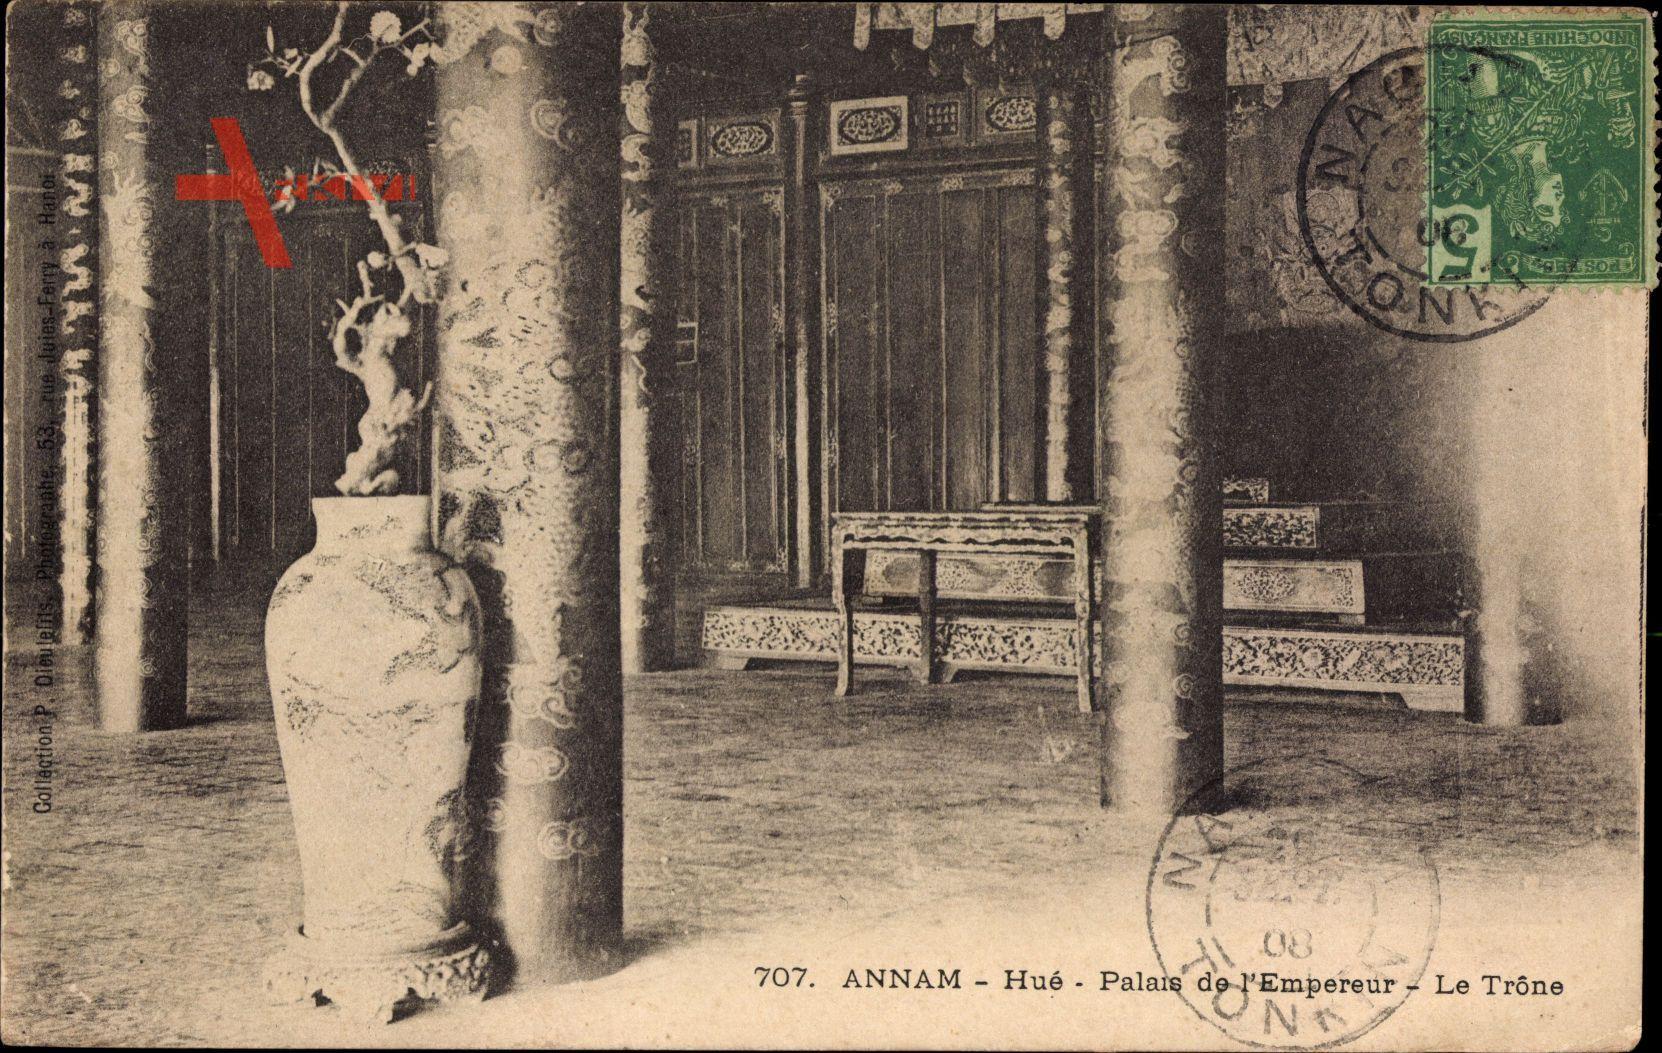 Annam Vietnam, Hue, Palais de l'Empereur, le Trone, Innenansicht vom Palast